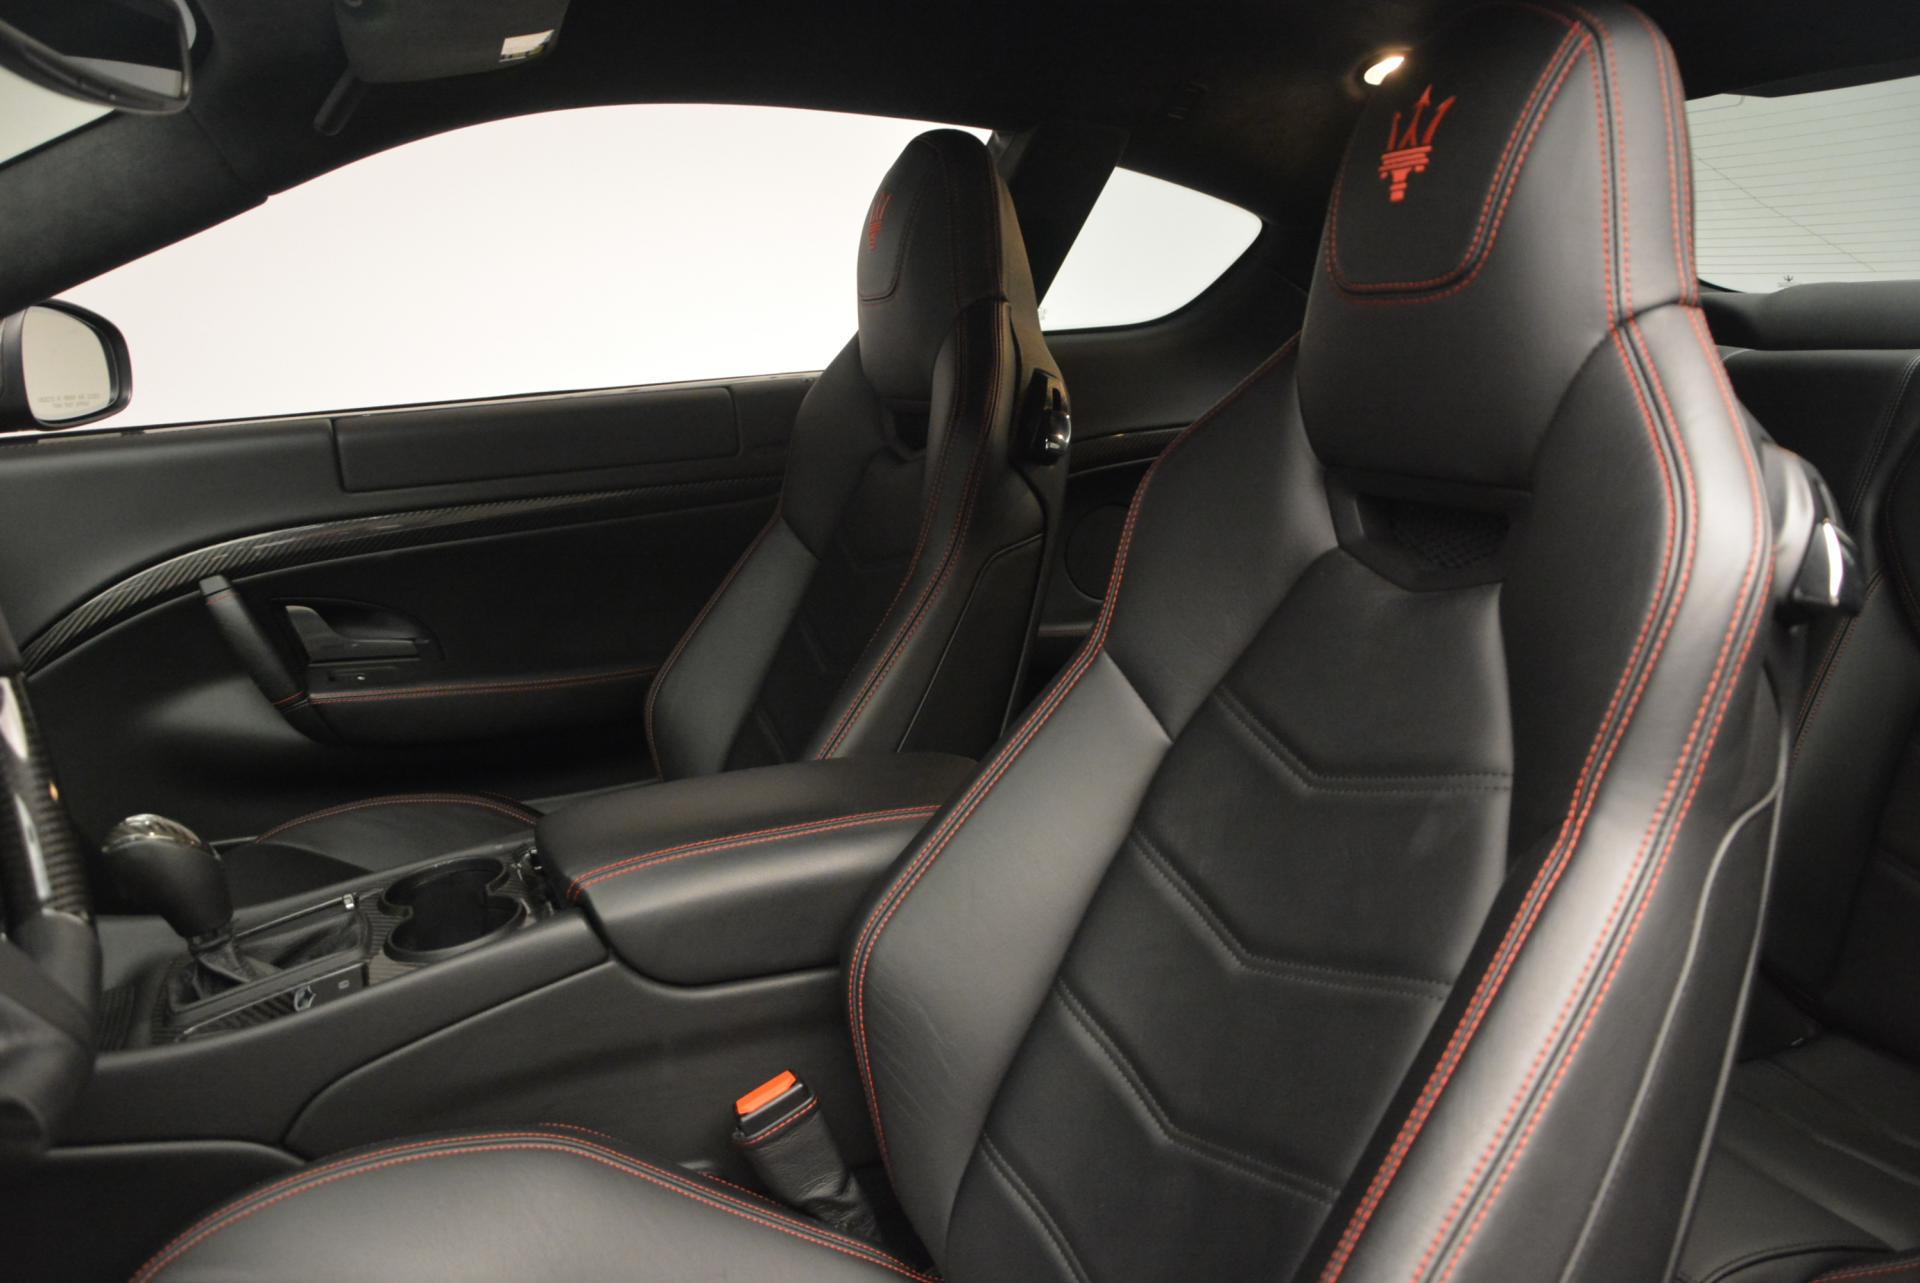 Used 2014 Maserati GranTurismo MC For Sale In Greenwich, CT 525_p18